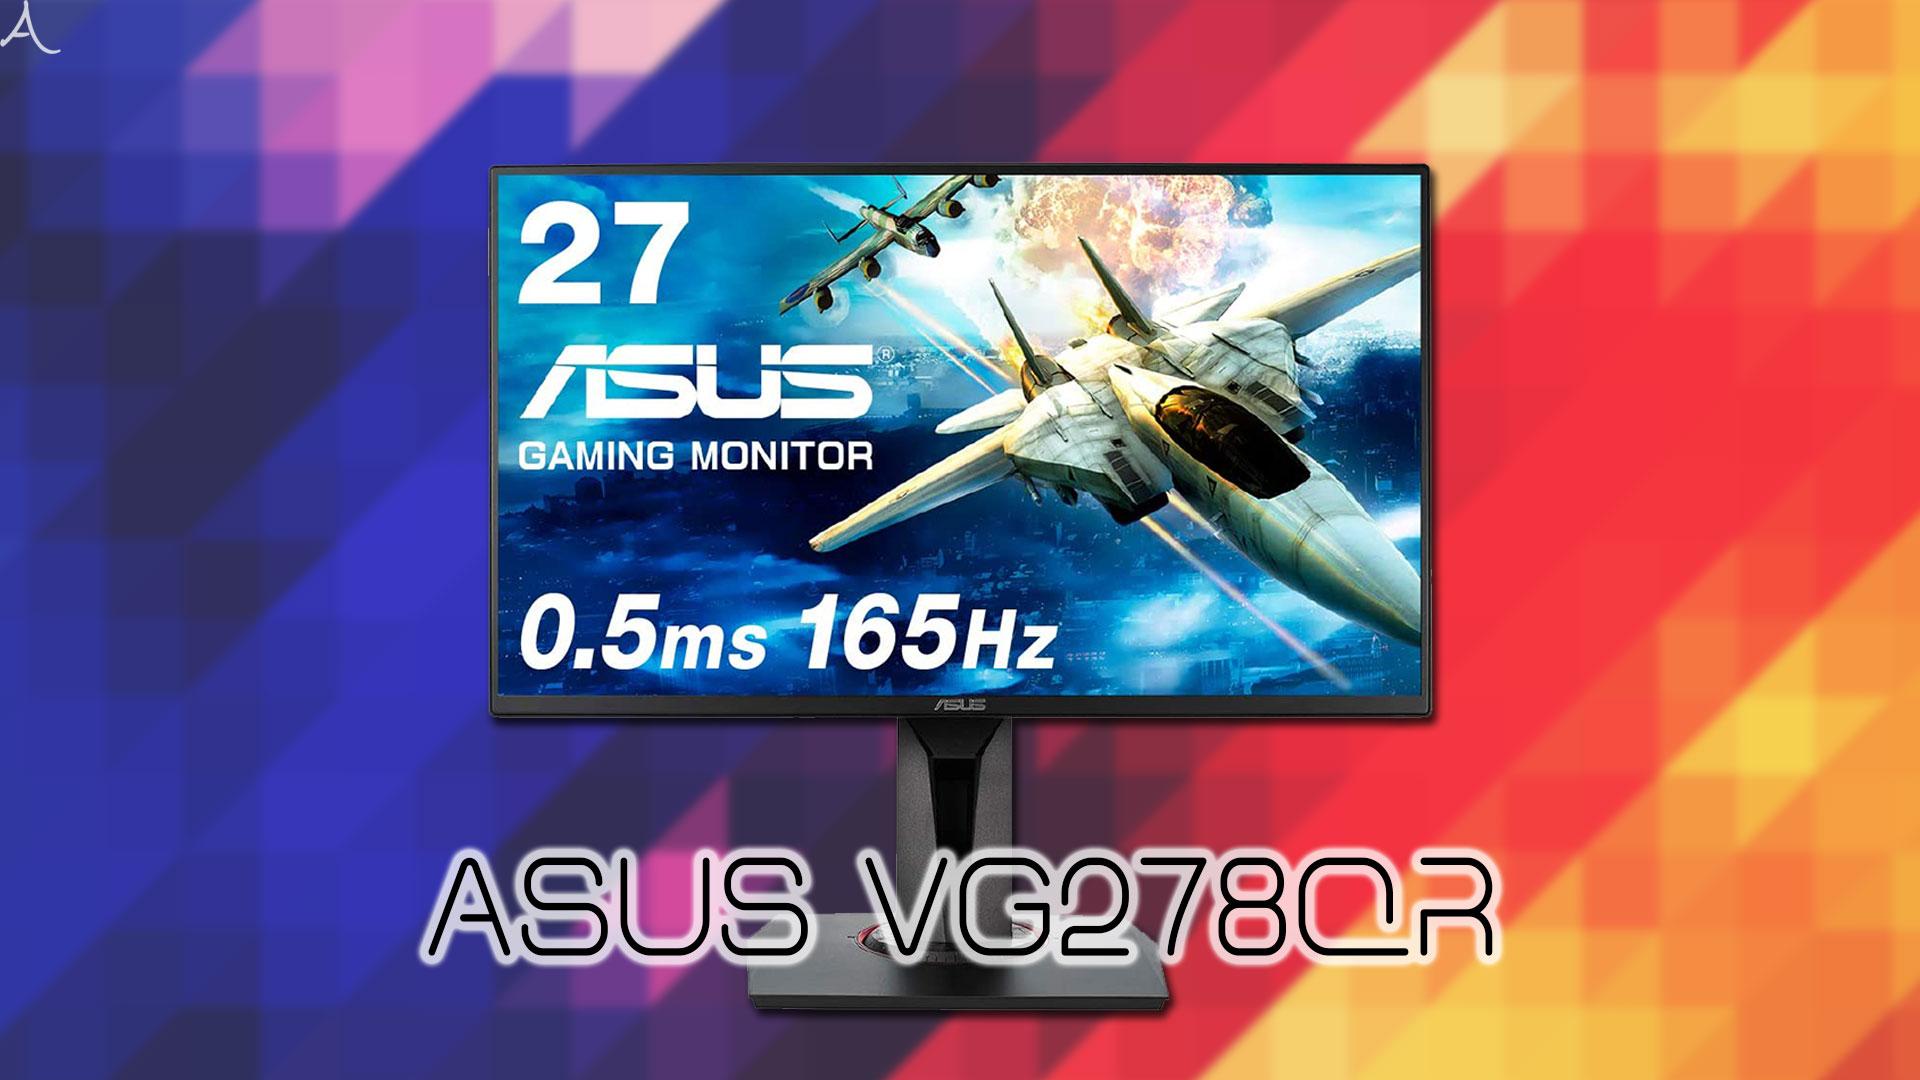 「ASUS VG278QR」ってモニターアーム使えるの?VESAサイズやおすすめアームはどれ?